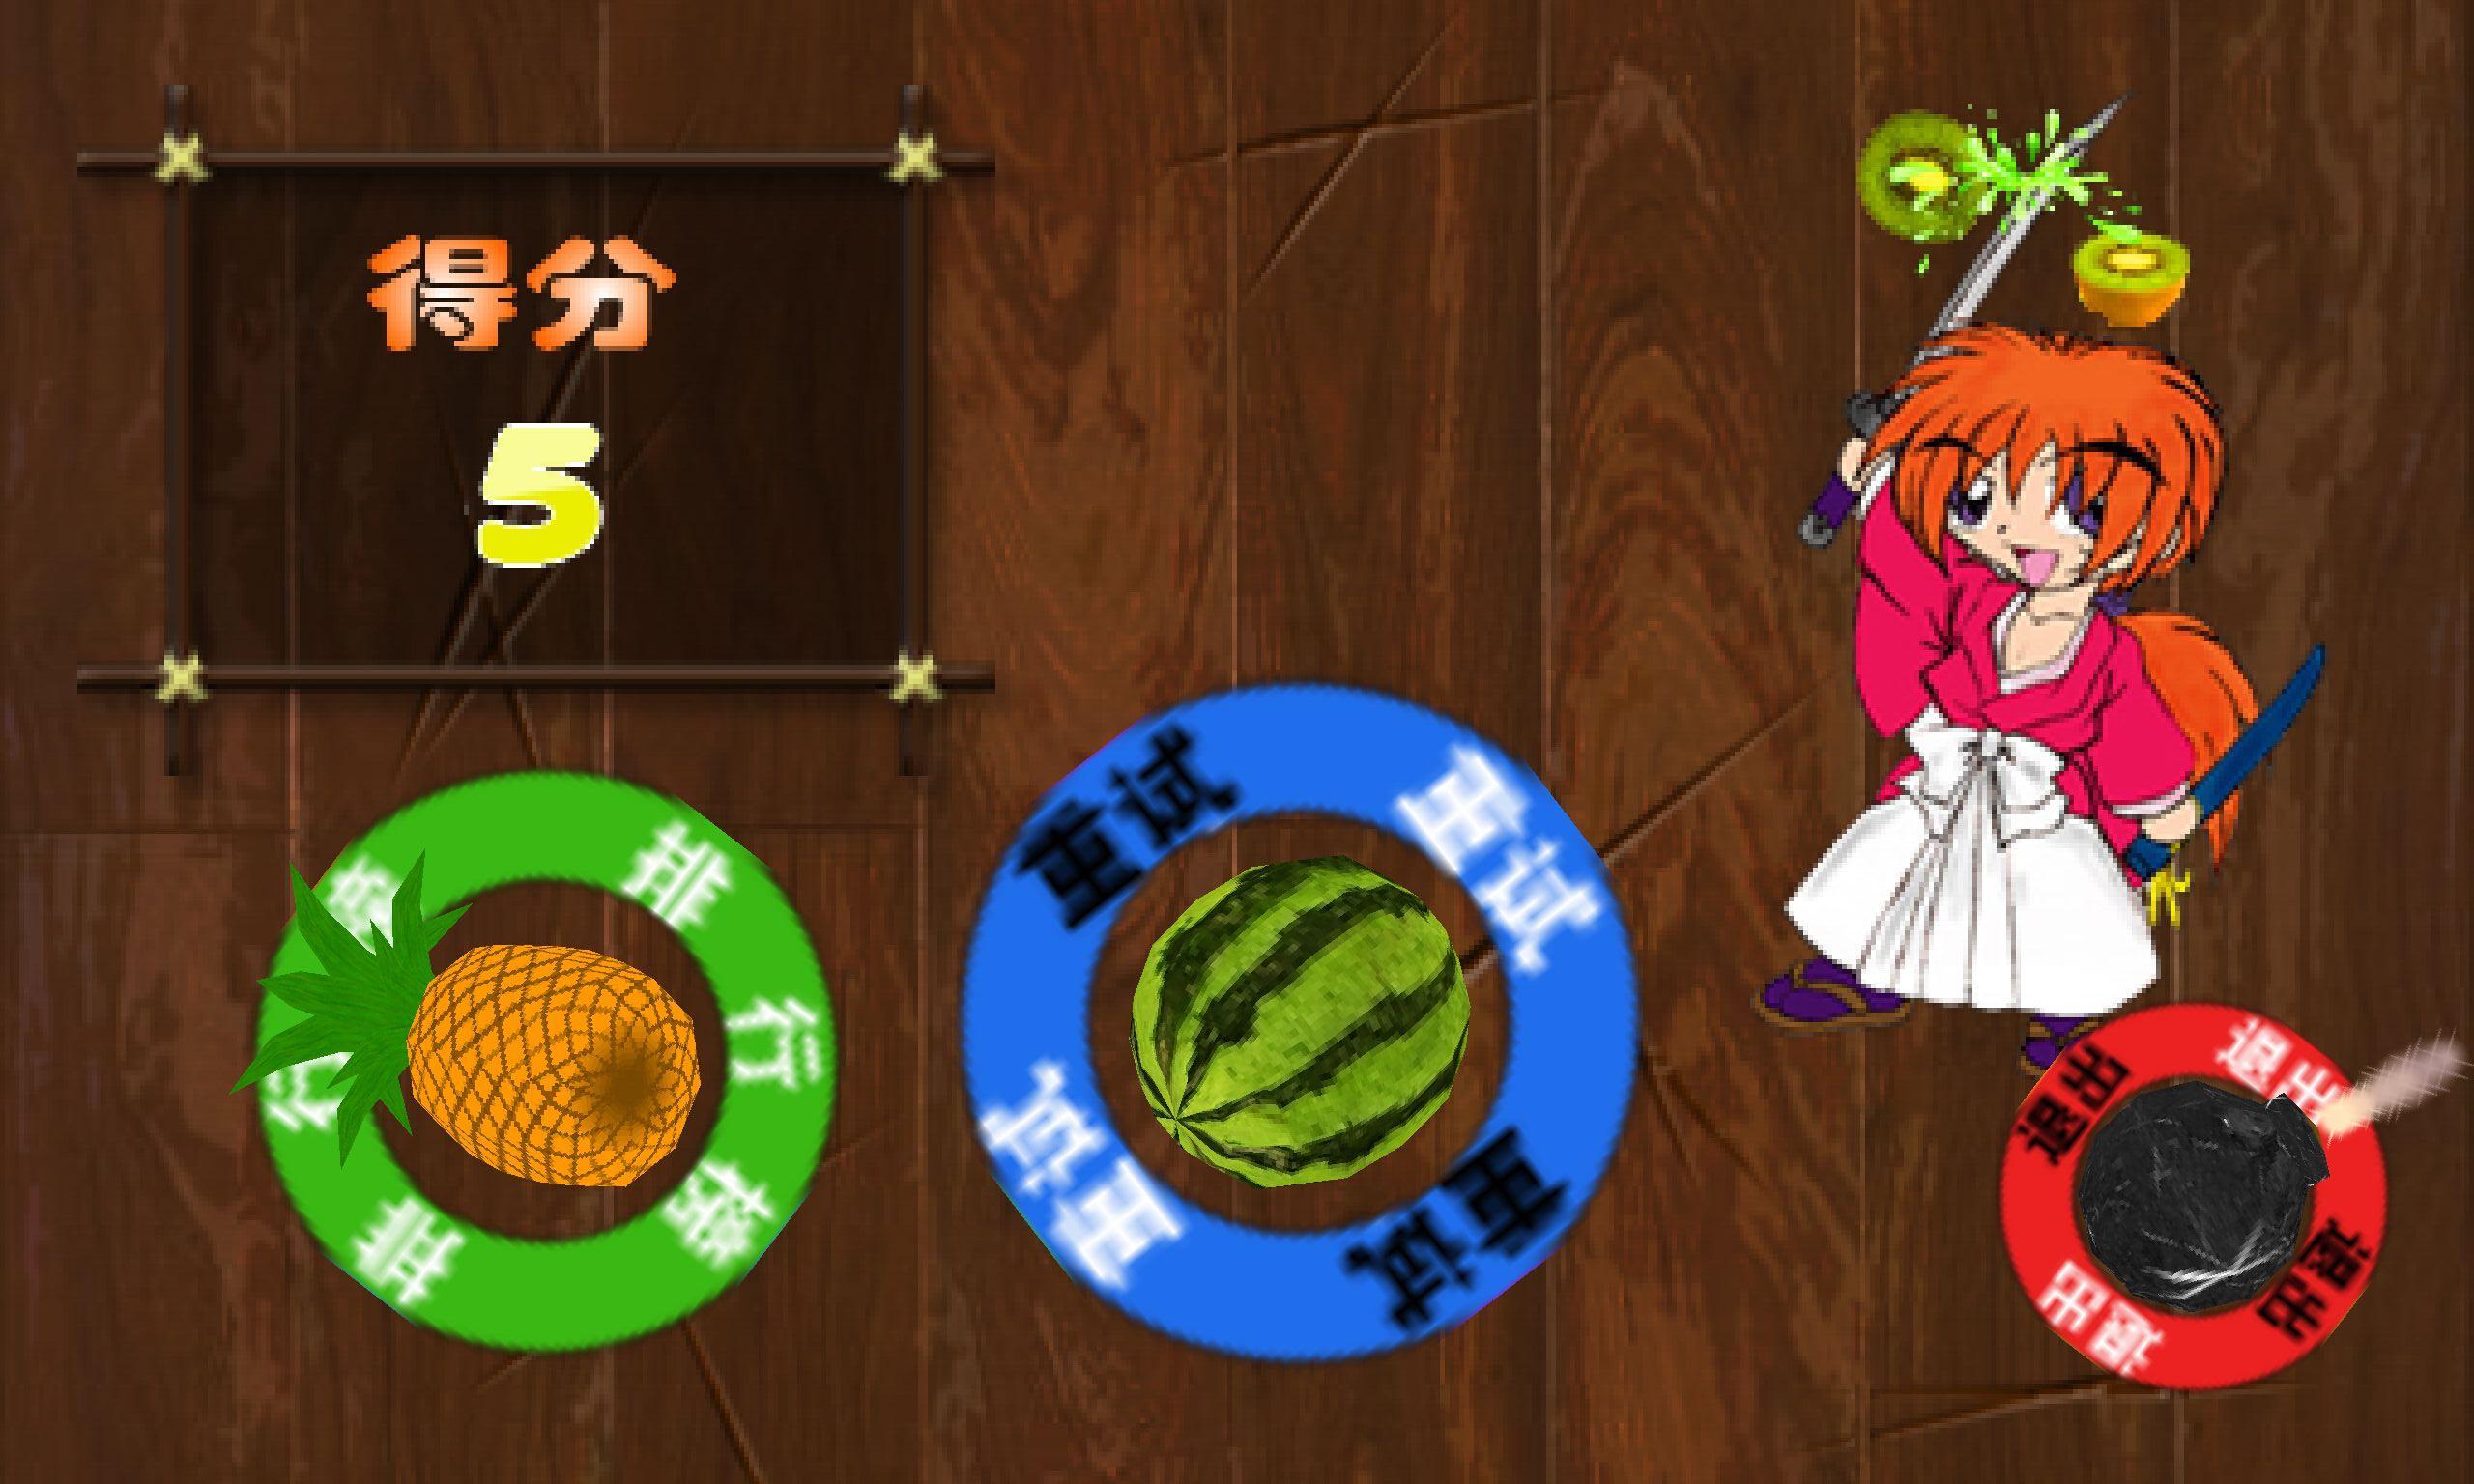 华军软件园 软件分类 android软件 游戏 休闲益智 疯狂切水果2  软件